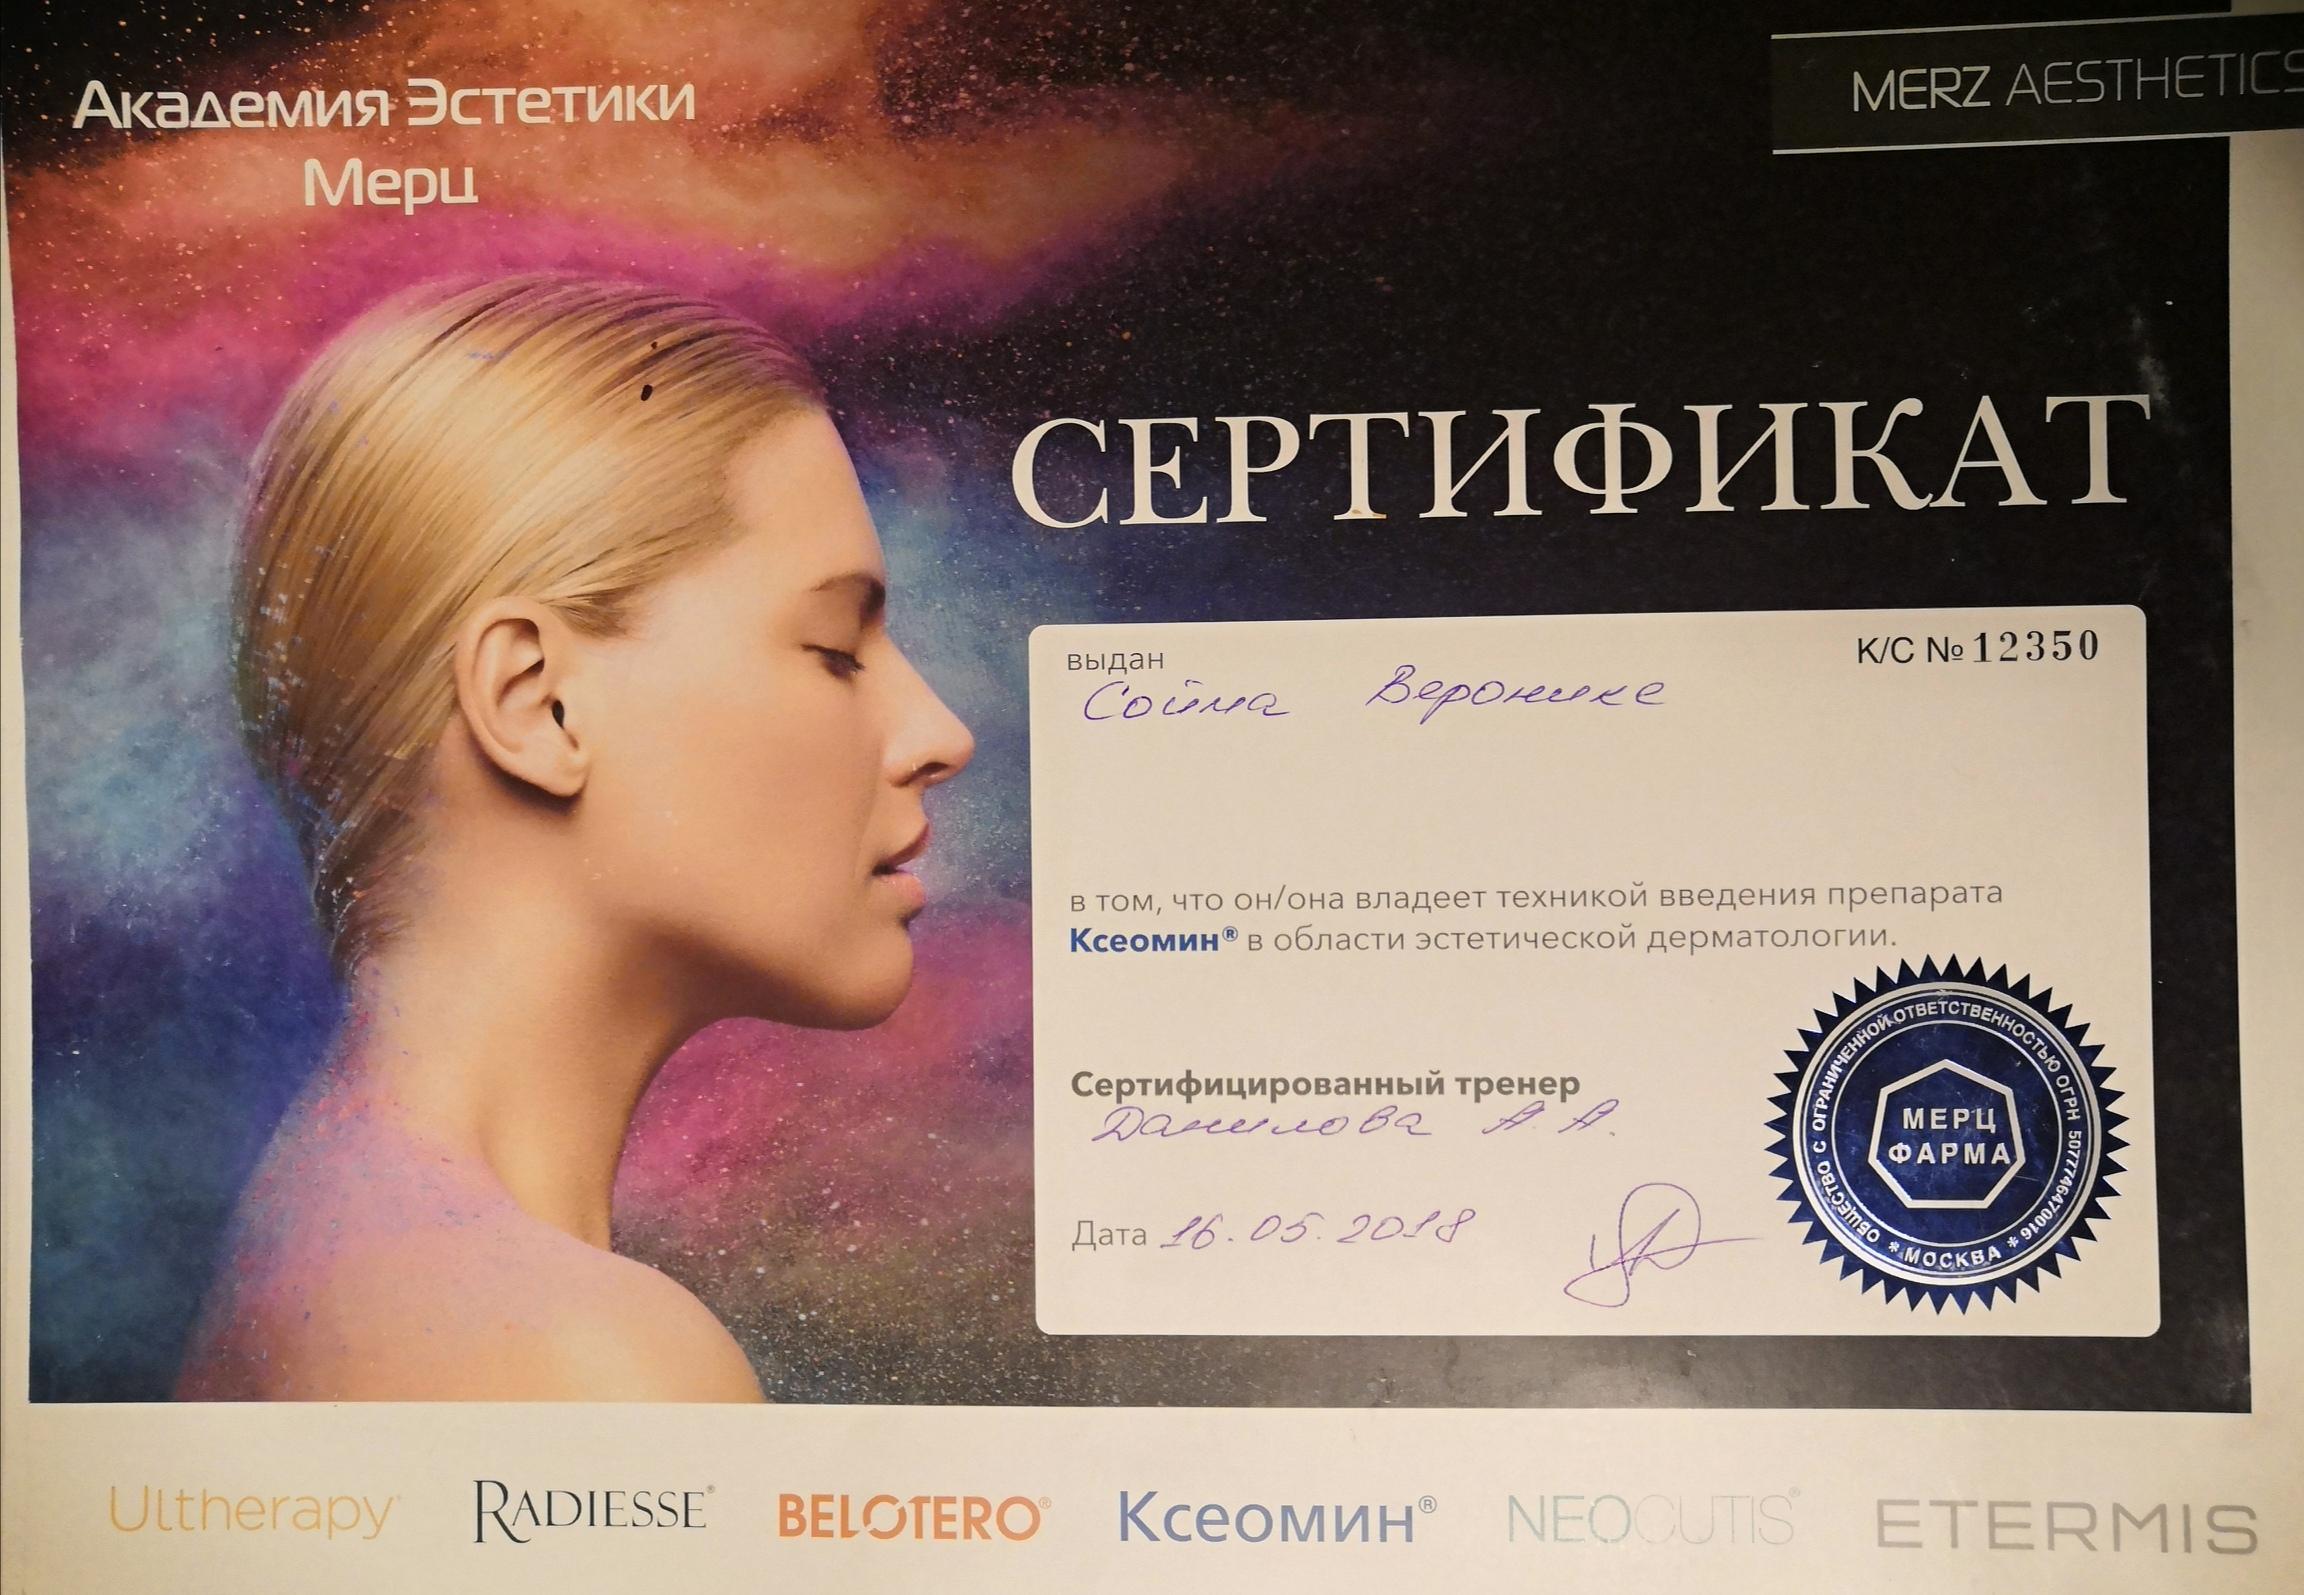 2018, Препарат Ксеомин в эстетической косметологии